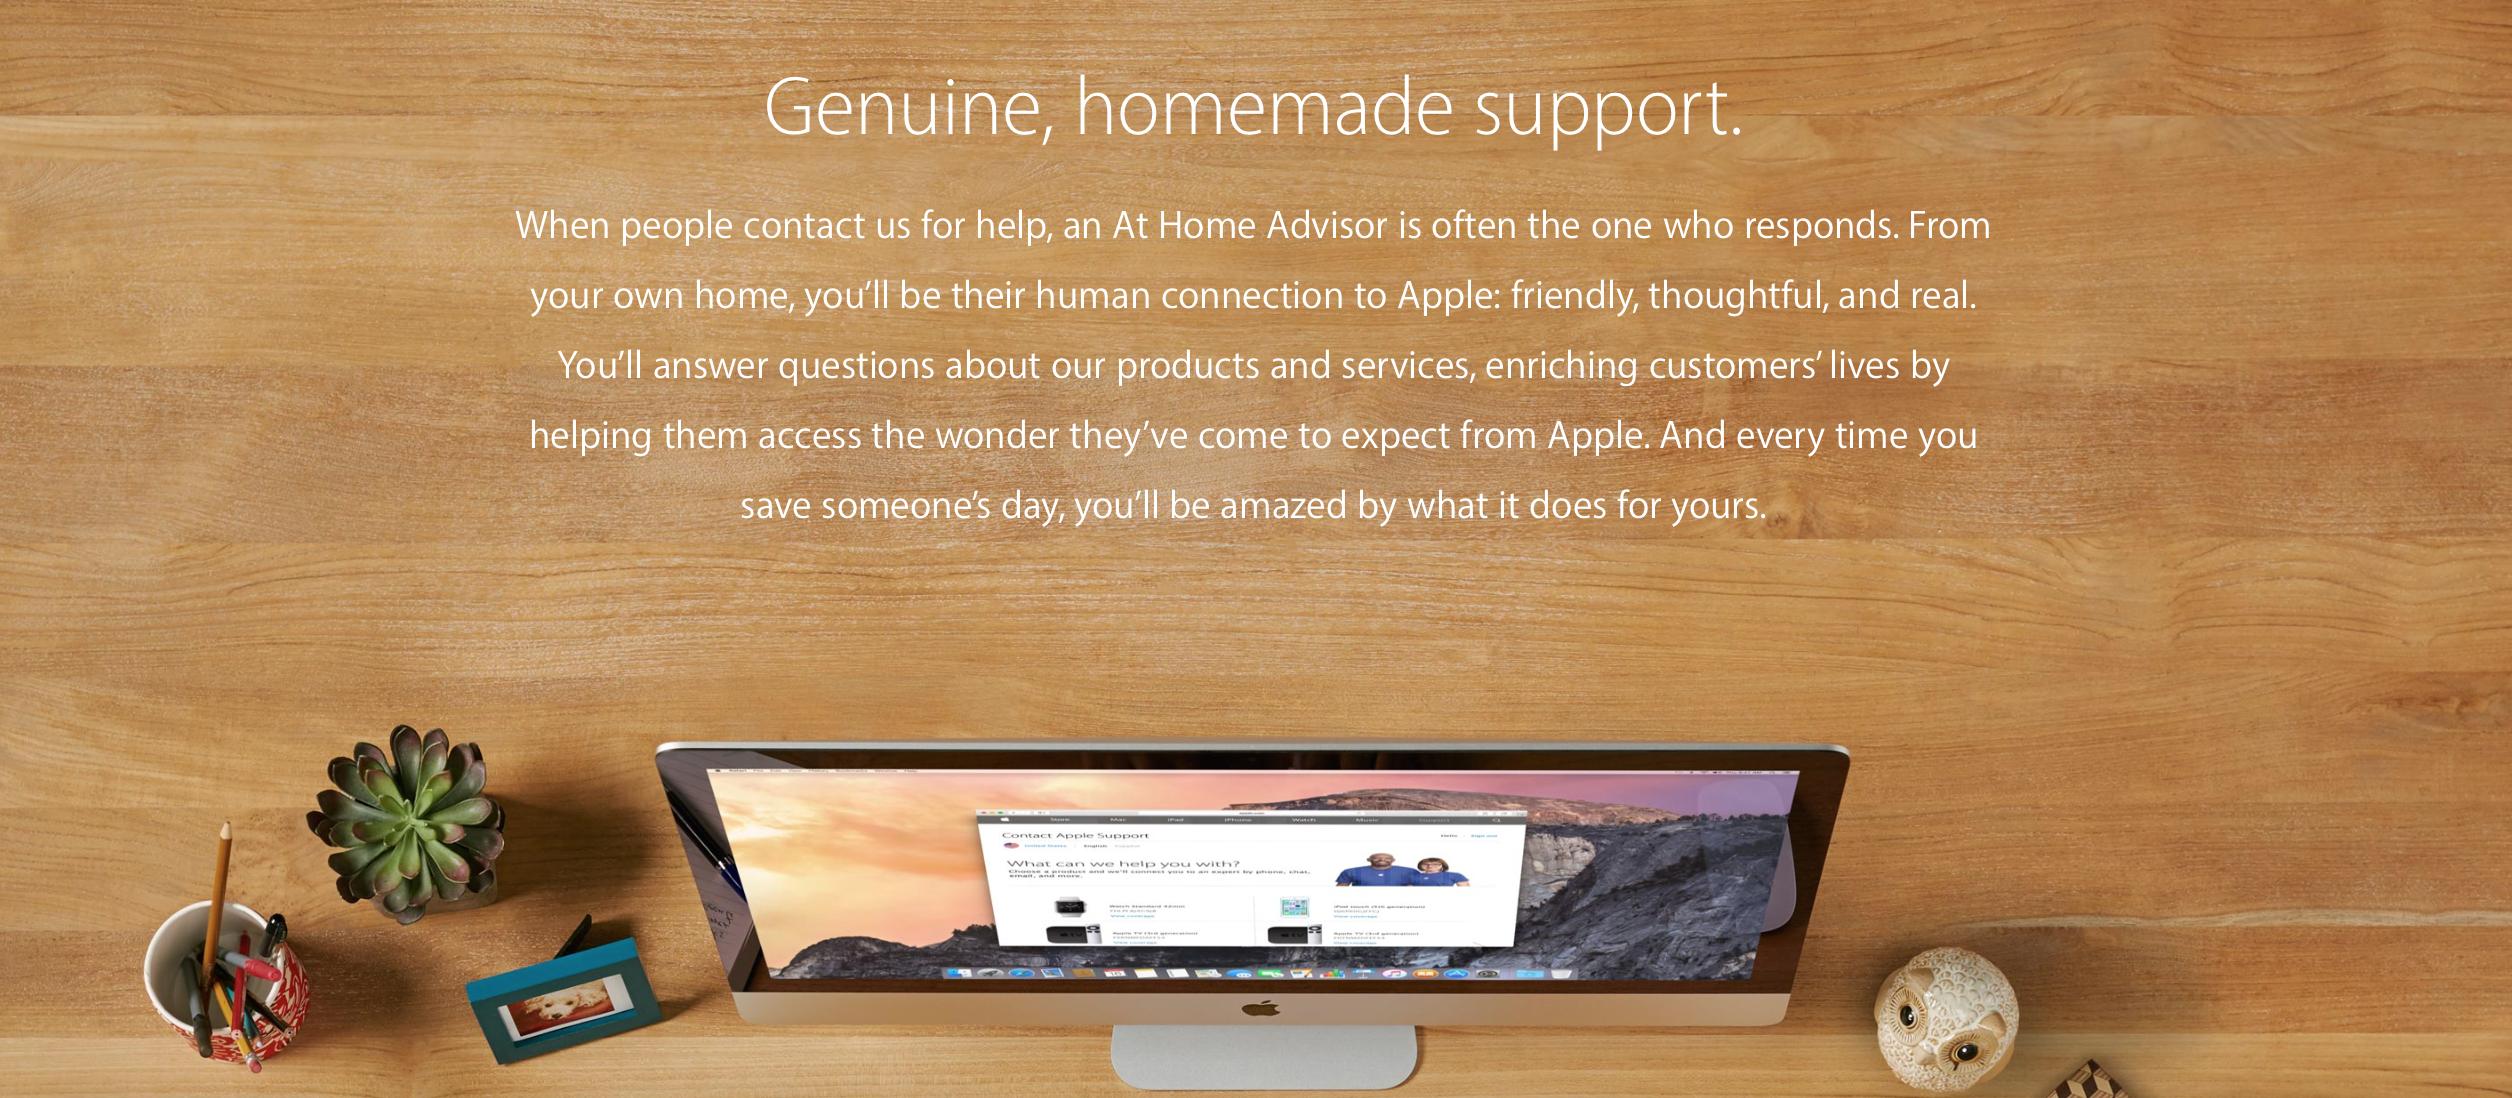 """Ces entreprises que vous connaissez et font confiance vous embauchent pour travailler à domicile en service à la clientèle. """"Width ="""" 2512 """"height ="""" 1098 """"/> </p> <p> Parfois, il existe même des occasions de travailler comme agent de discussion pour la populaire plate-forme iTunes d'Apple. Et parce que Apple veut que ses employés soient des utilisateurs actifs de produits, vous recevrez également un iMac gratuit à utiliser pour le travail. Comment est-ce pour un bonus supplémentaire? </p> <p> Vous ne devez pas nécessairement être un génie technologique pour être considéré, mais être à l'aise avec les produits Apple est un must. Vous aurez également besoin d'un bureau à domicile avec une porte que vous pouvez fermer, une chaise ergonomique, un bureau et une connexion réseau. </p> <p> Intéressé? Arrêtez-vous dans la page des offres d'emploi d'Apple pour découvrir quels postes de conseiller à la maison sont disponibles aujourd'hui. </p> <p> Même si vous n'avez pas d'AmEx dans votre porte-monnaie, je parie que vous êtes au moins familier avec cette société internationale de cartes de crédit. </p> <p> Au dernier compte, American Express comptait plus de 52 millions de titulaires de carte. C'est un tas de gens qui ont des questions sur leurs matières plastiques. C'est là que vous venez. </p> <p> <img class="""